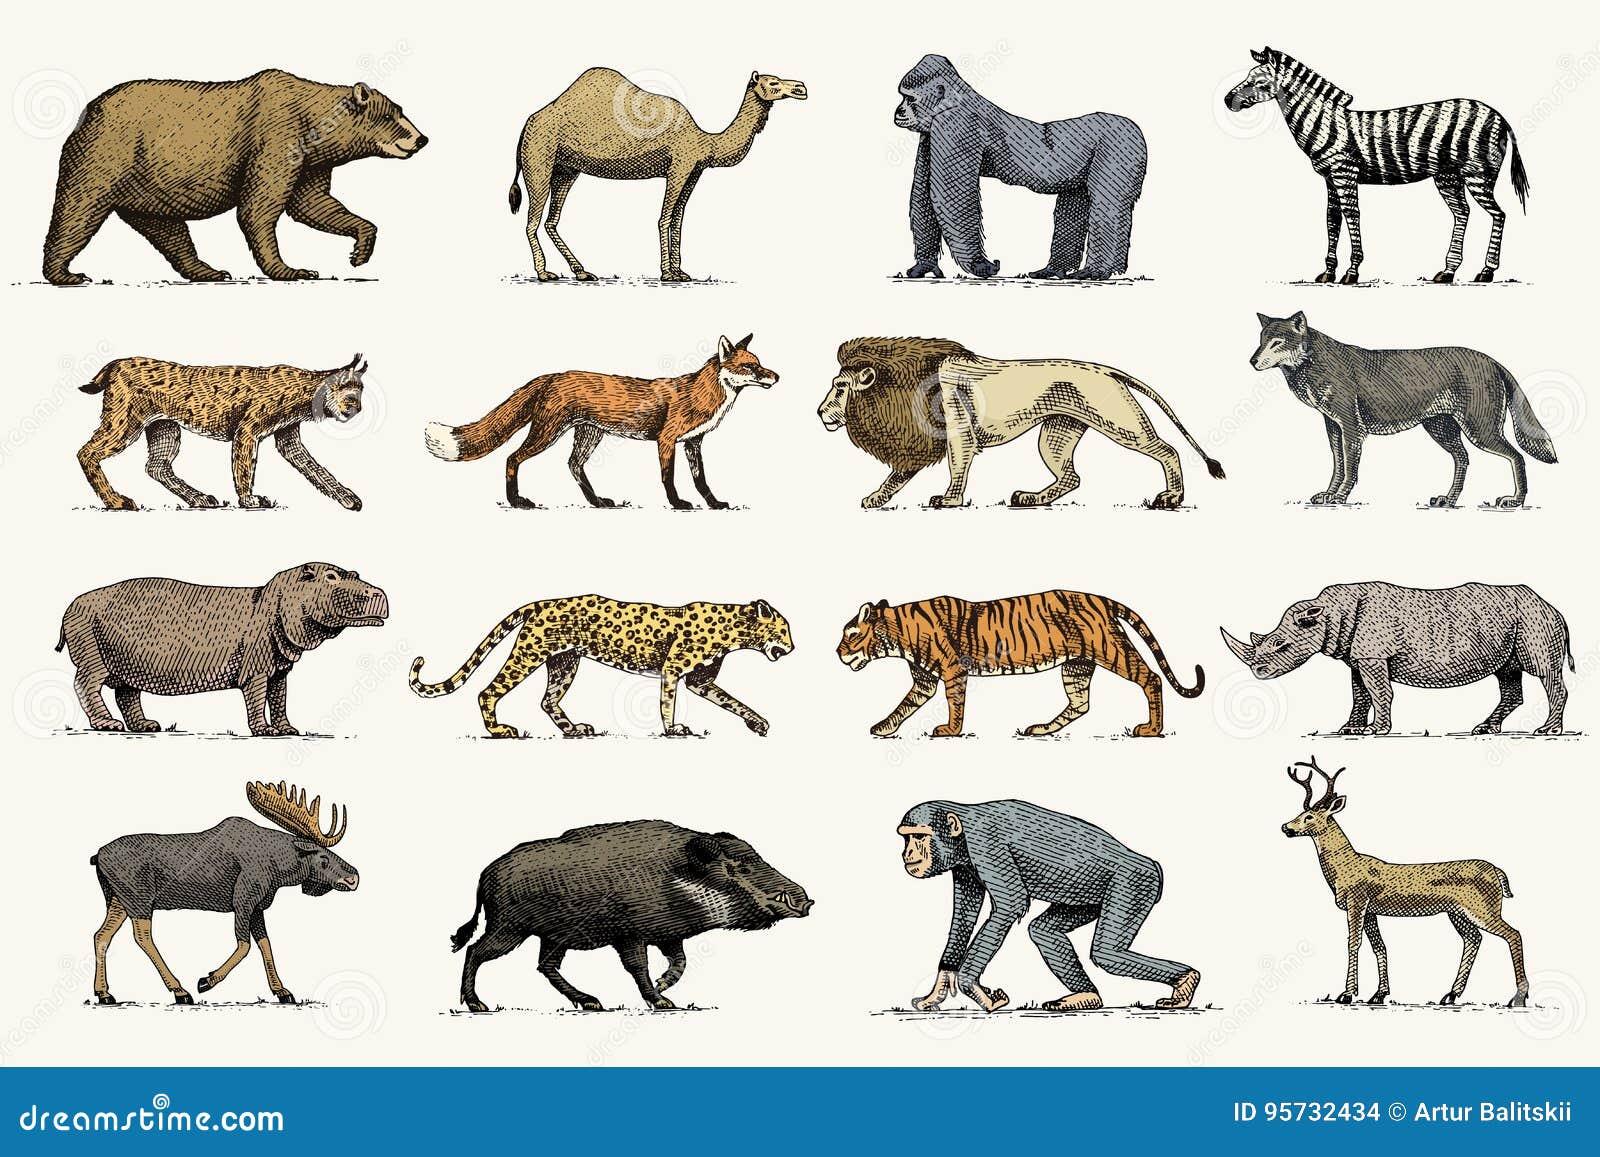 Gorilla Elch Oder Eurasierelche Kamel Und Rotwild Nashorn Hasen